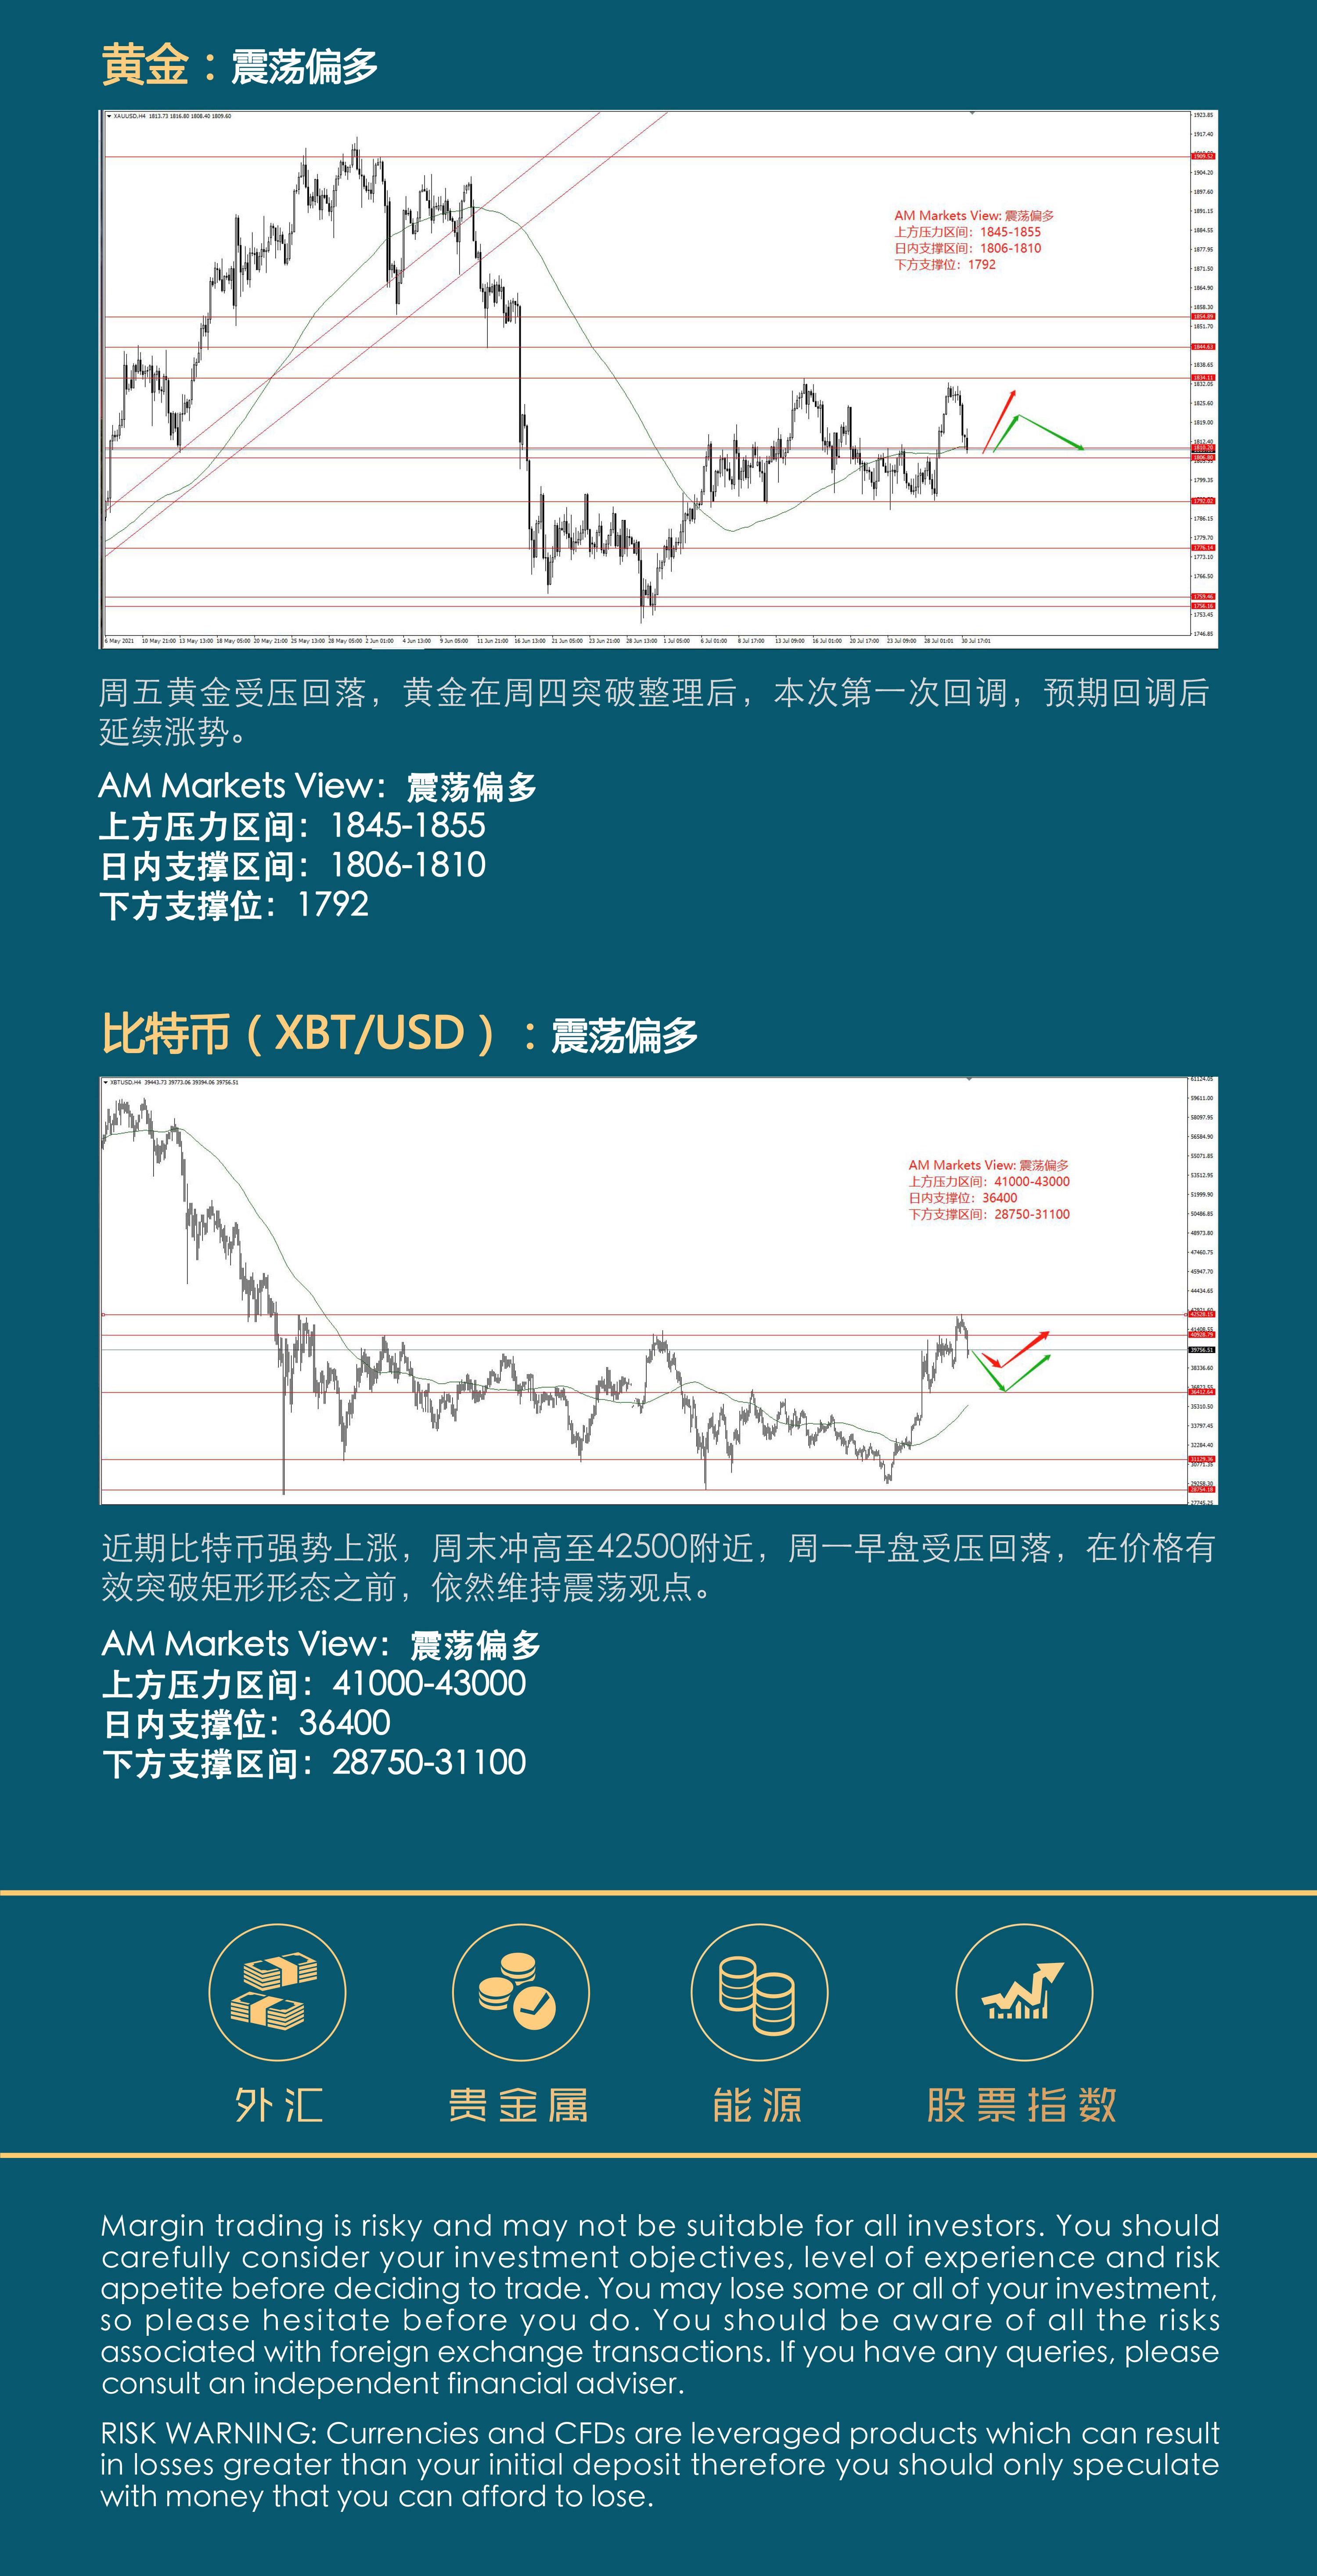 8.2分析报告(震荡待非农)_04.jpg